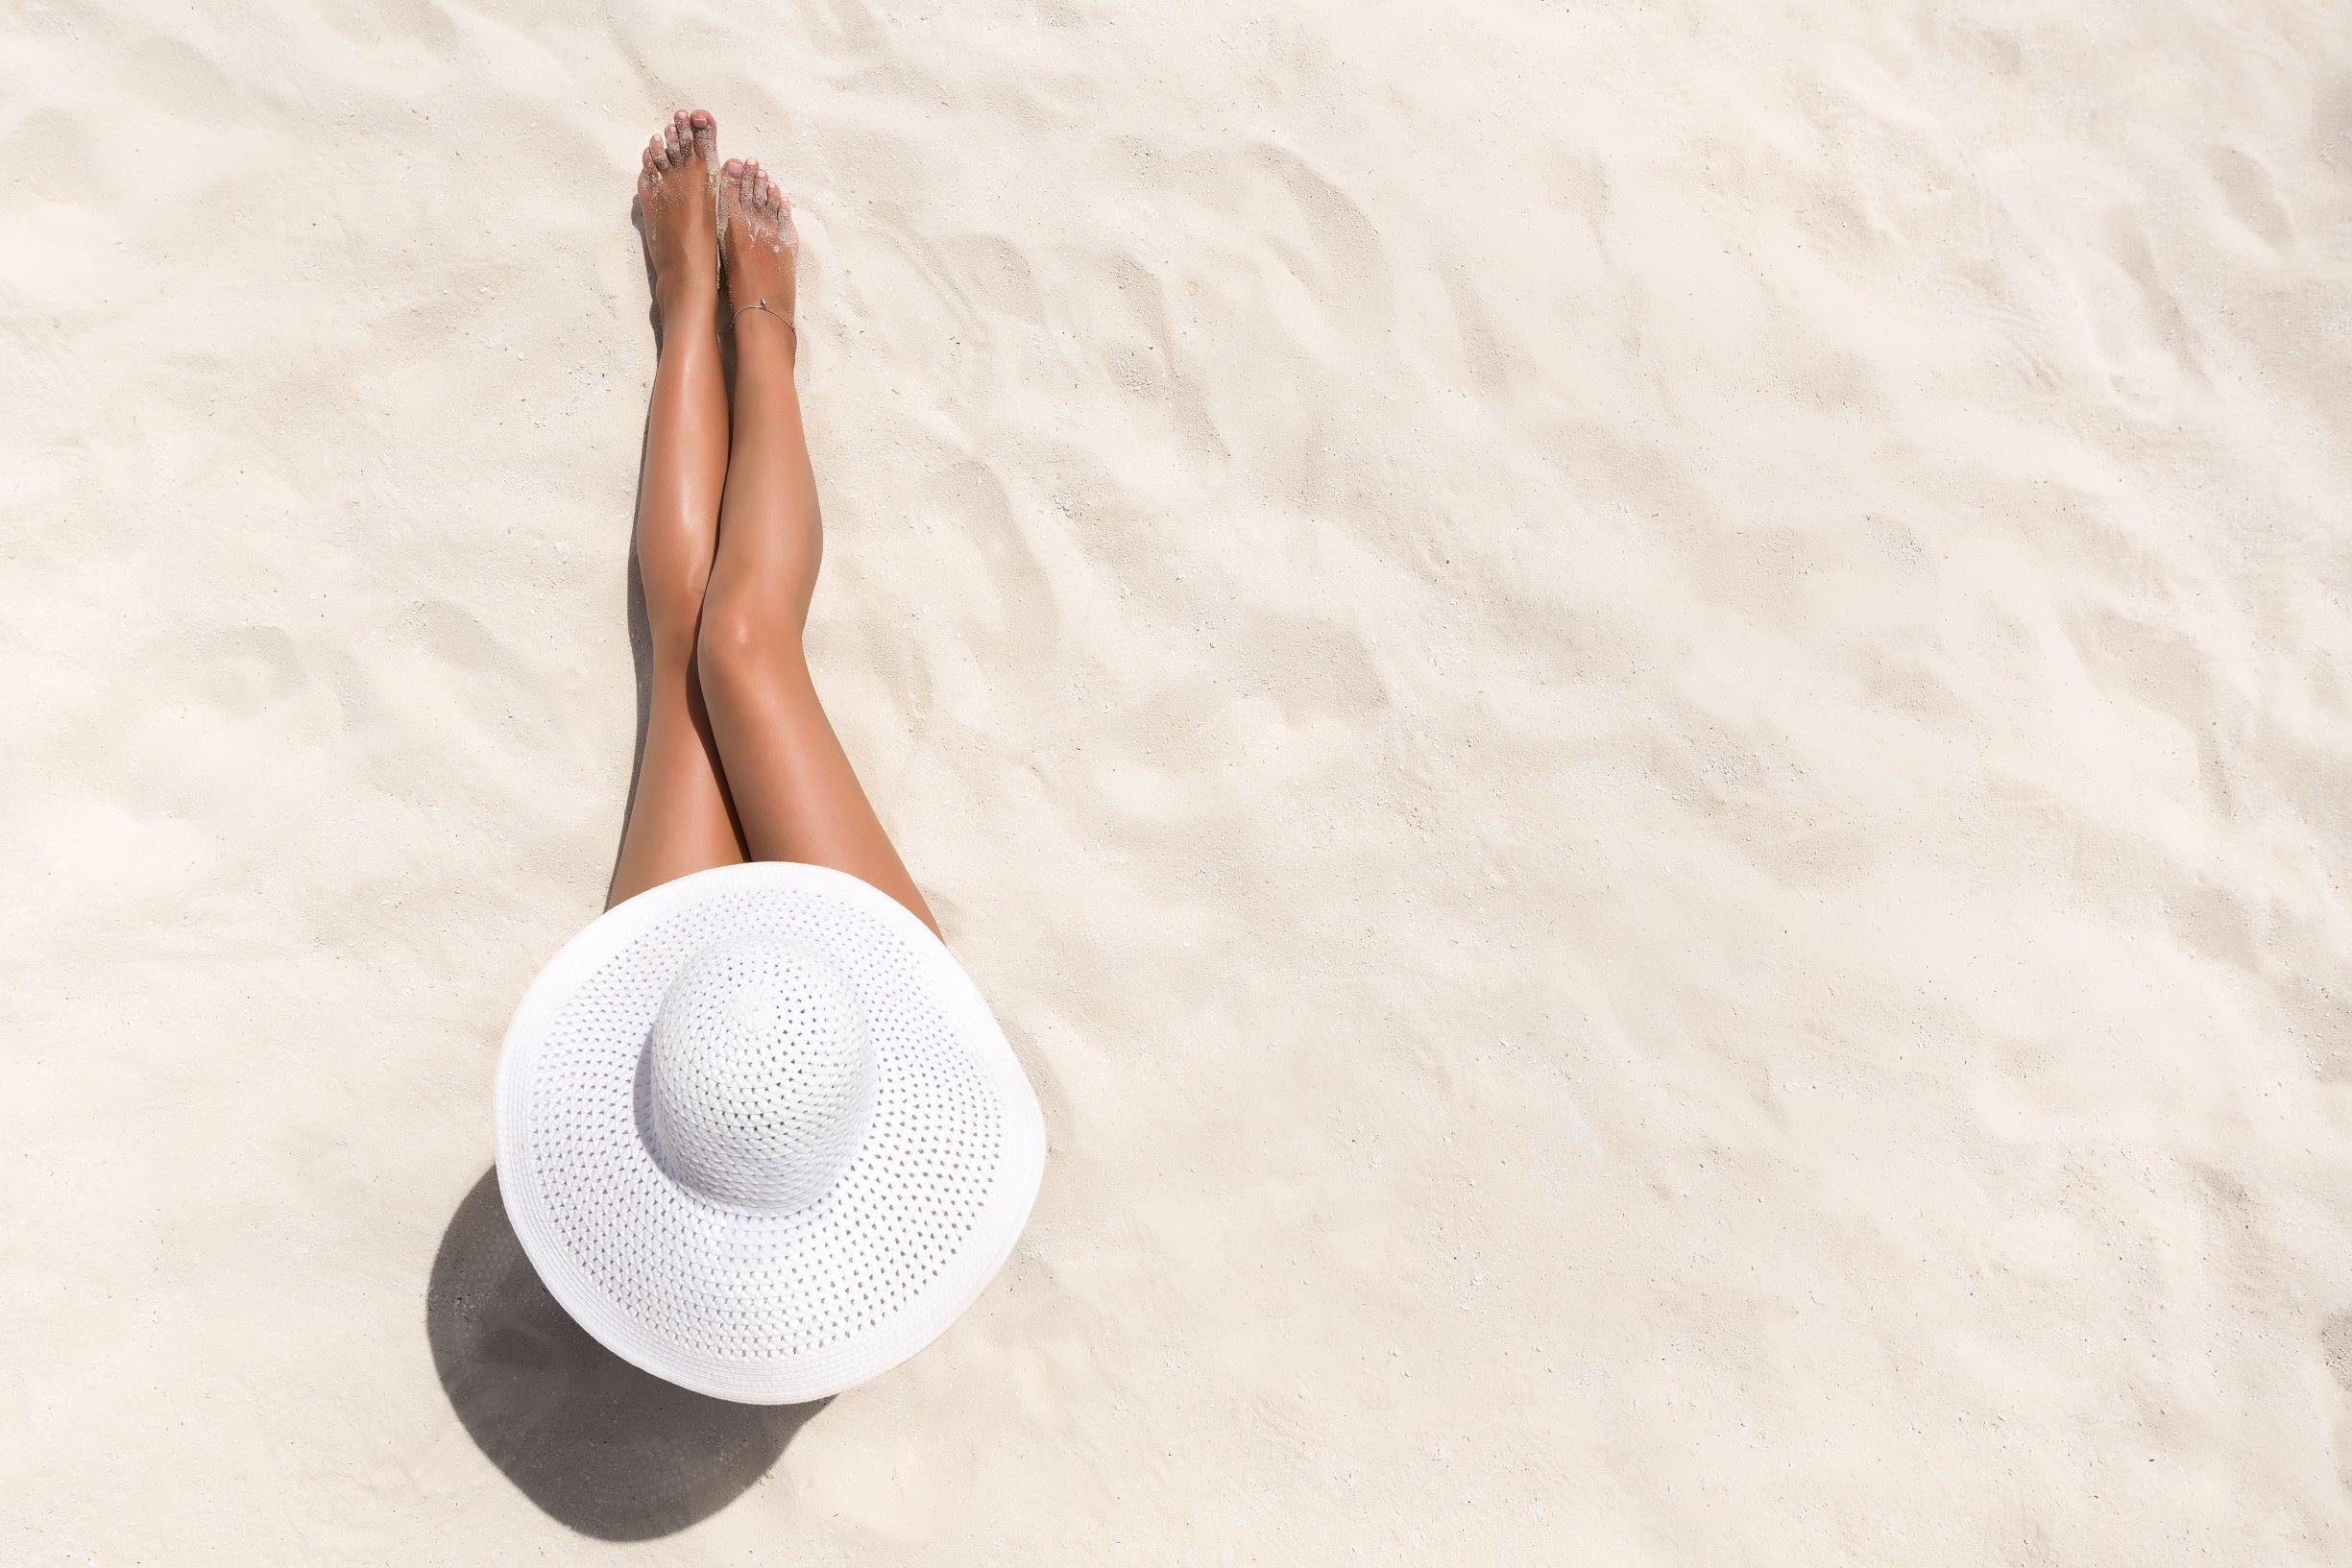 Sobre un fondo de arena de playa blanca vemos desde arriba una mujer tomando el sol. Destaca su sombrero blanco que le cubre rostro y torso y del que salen las piernas bronceadas.